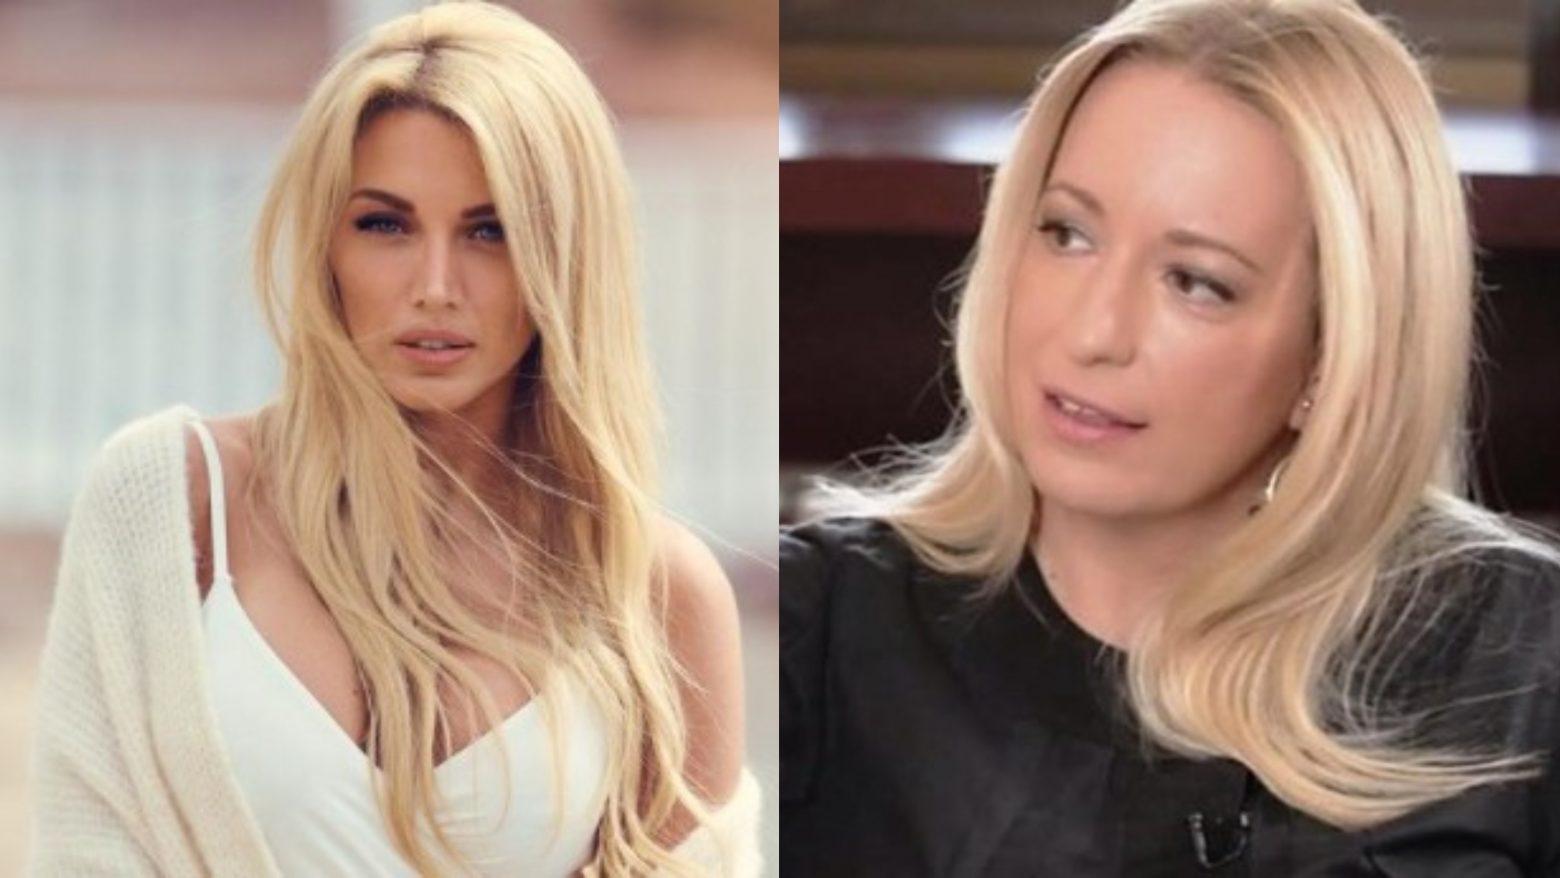 Η Κωνσταντίνα Σπυροπούλου απαντάει για πρώτη φορά για την κόντρα της με την Αφροδίτη Γραμμέλη